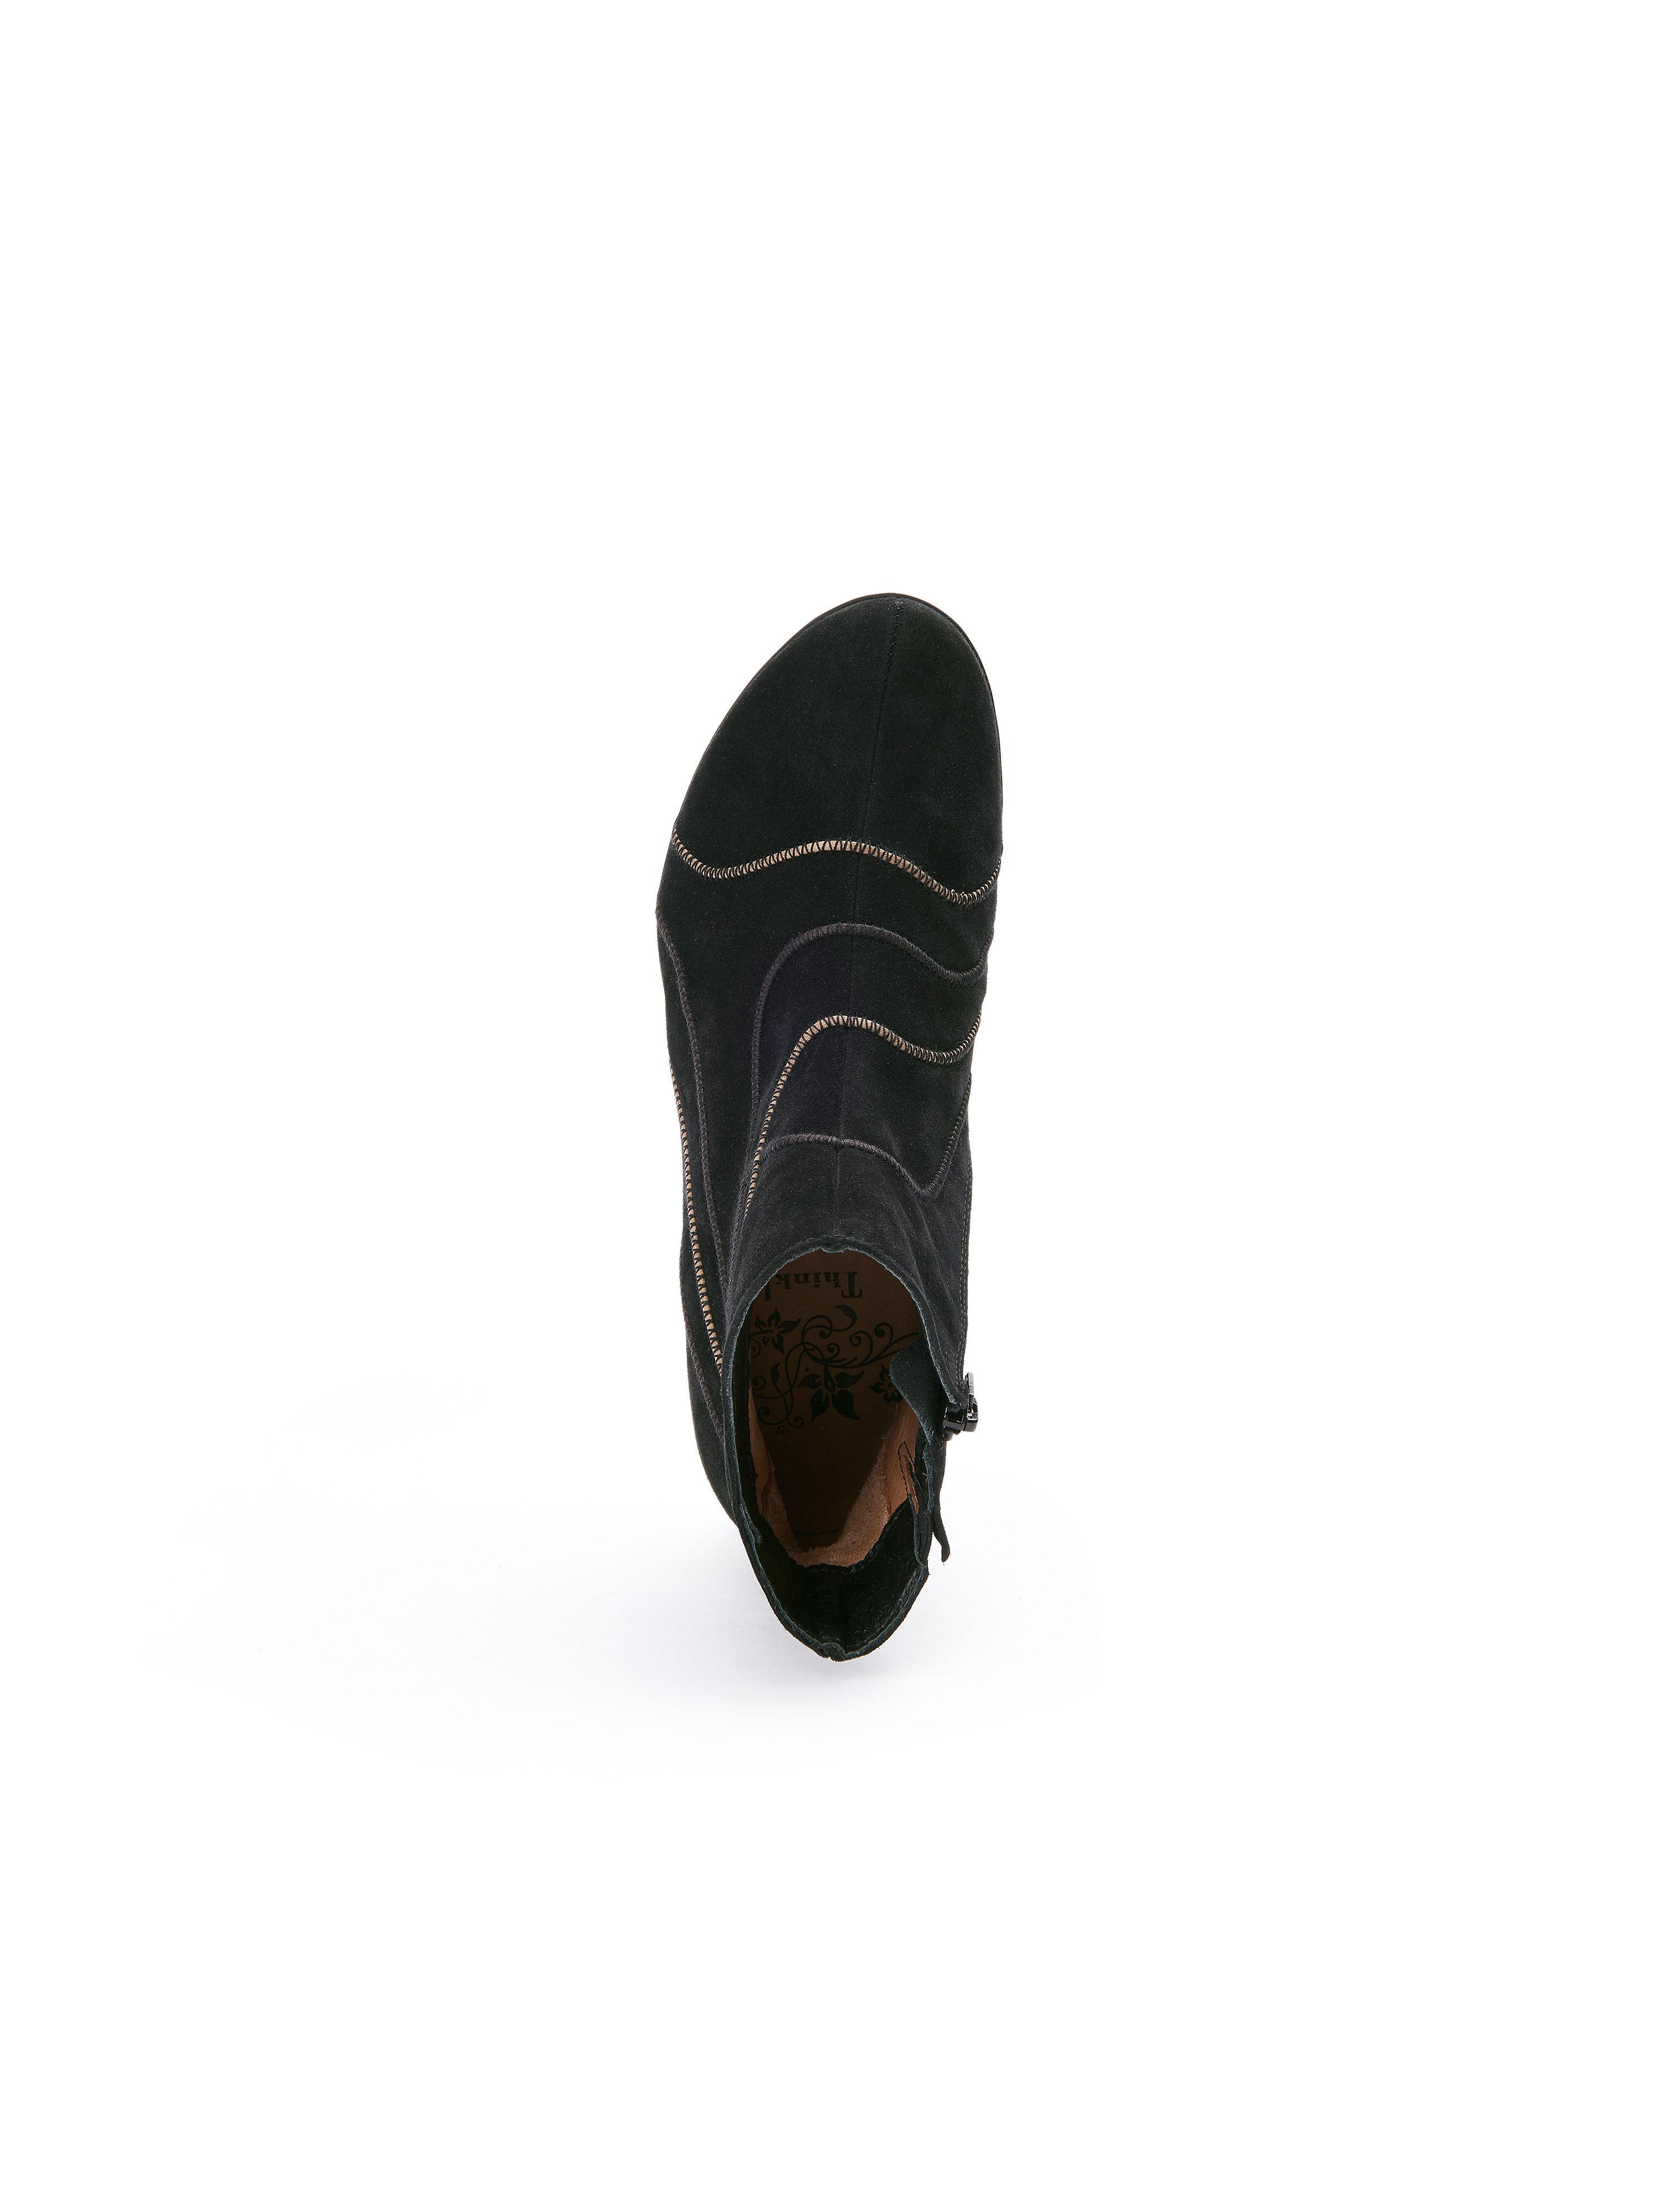 Think! Schwarz - Stiefelette KESHUEL - Schwarz Think! Gute Qualität beliebte Schuhe 979c9e